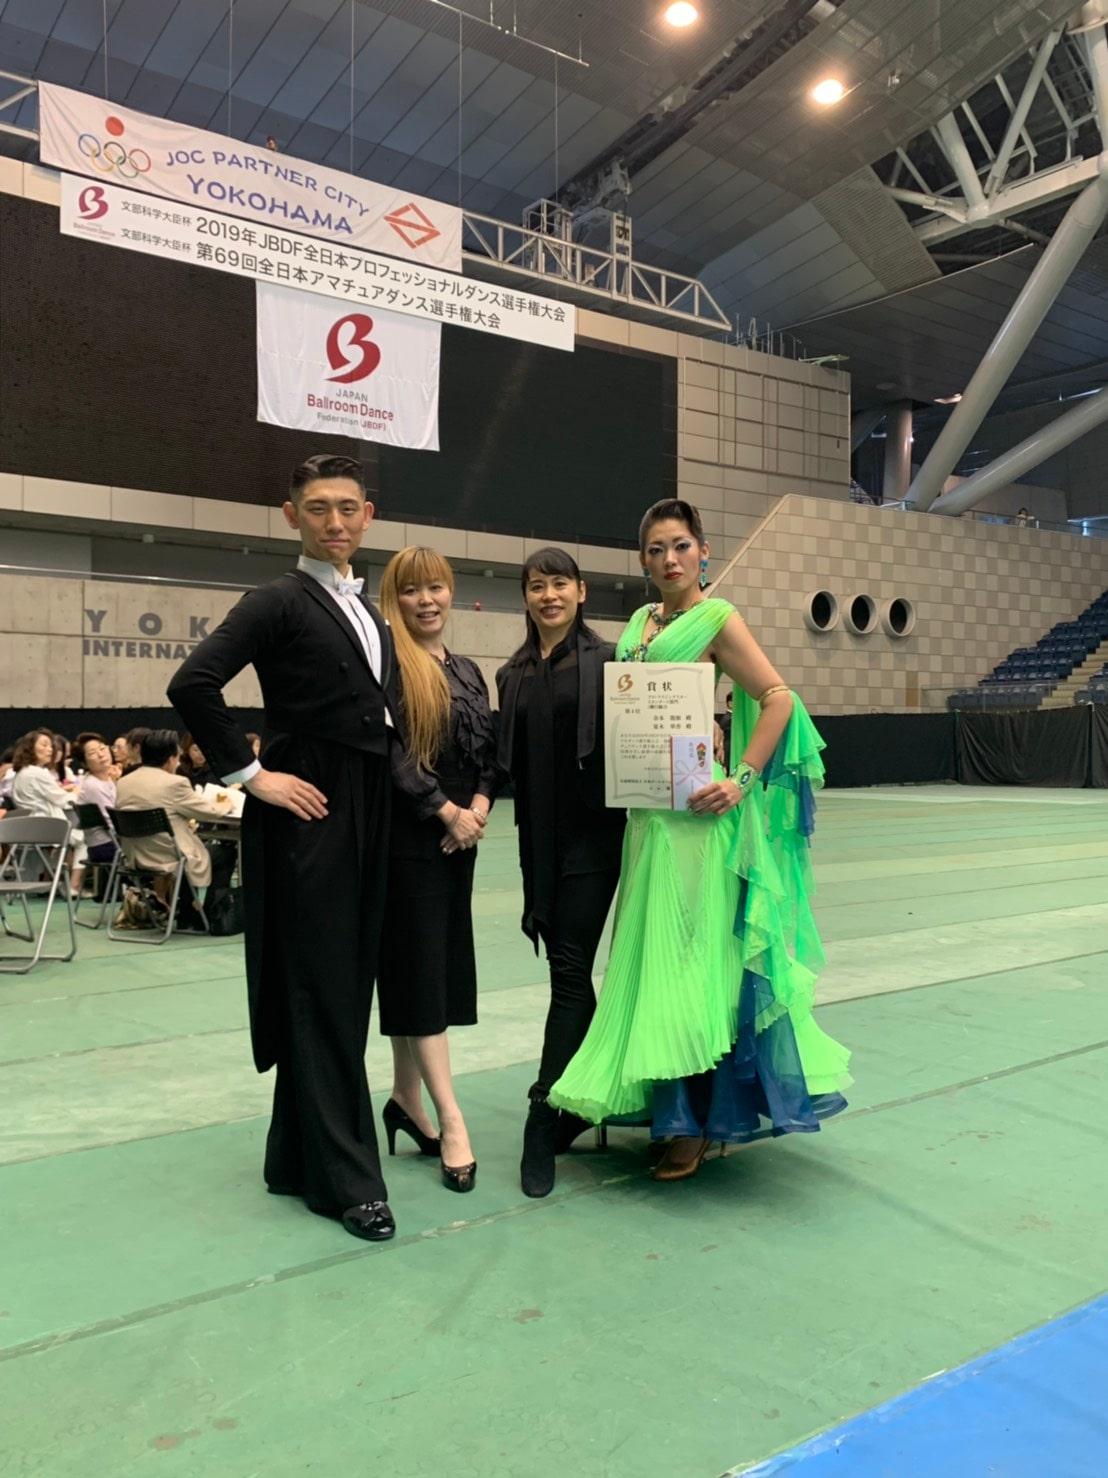 JBDF|全日本プロフェッショナルダンス選手権|2019年|プロ|ライジング・スタンダード|入賞